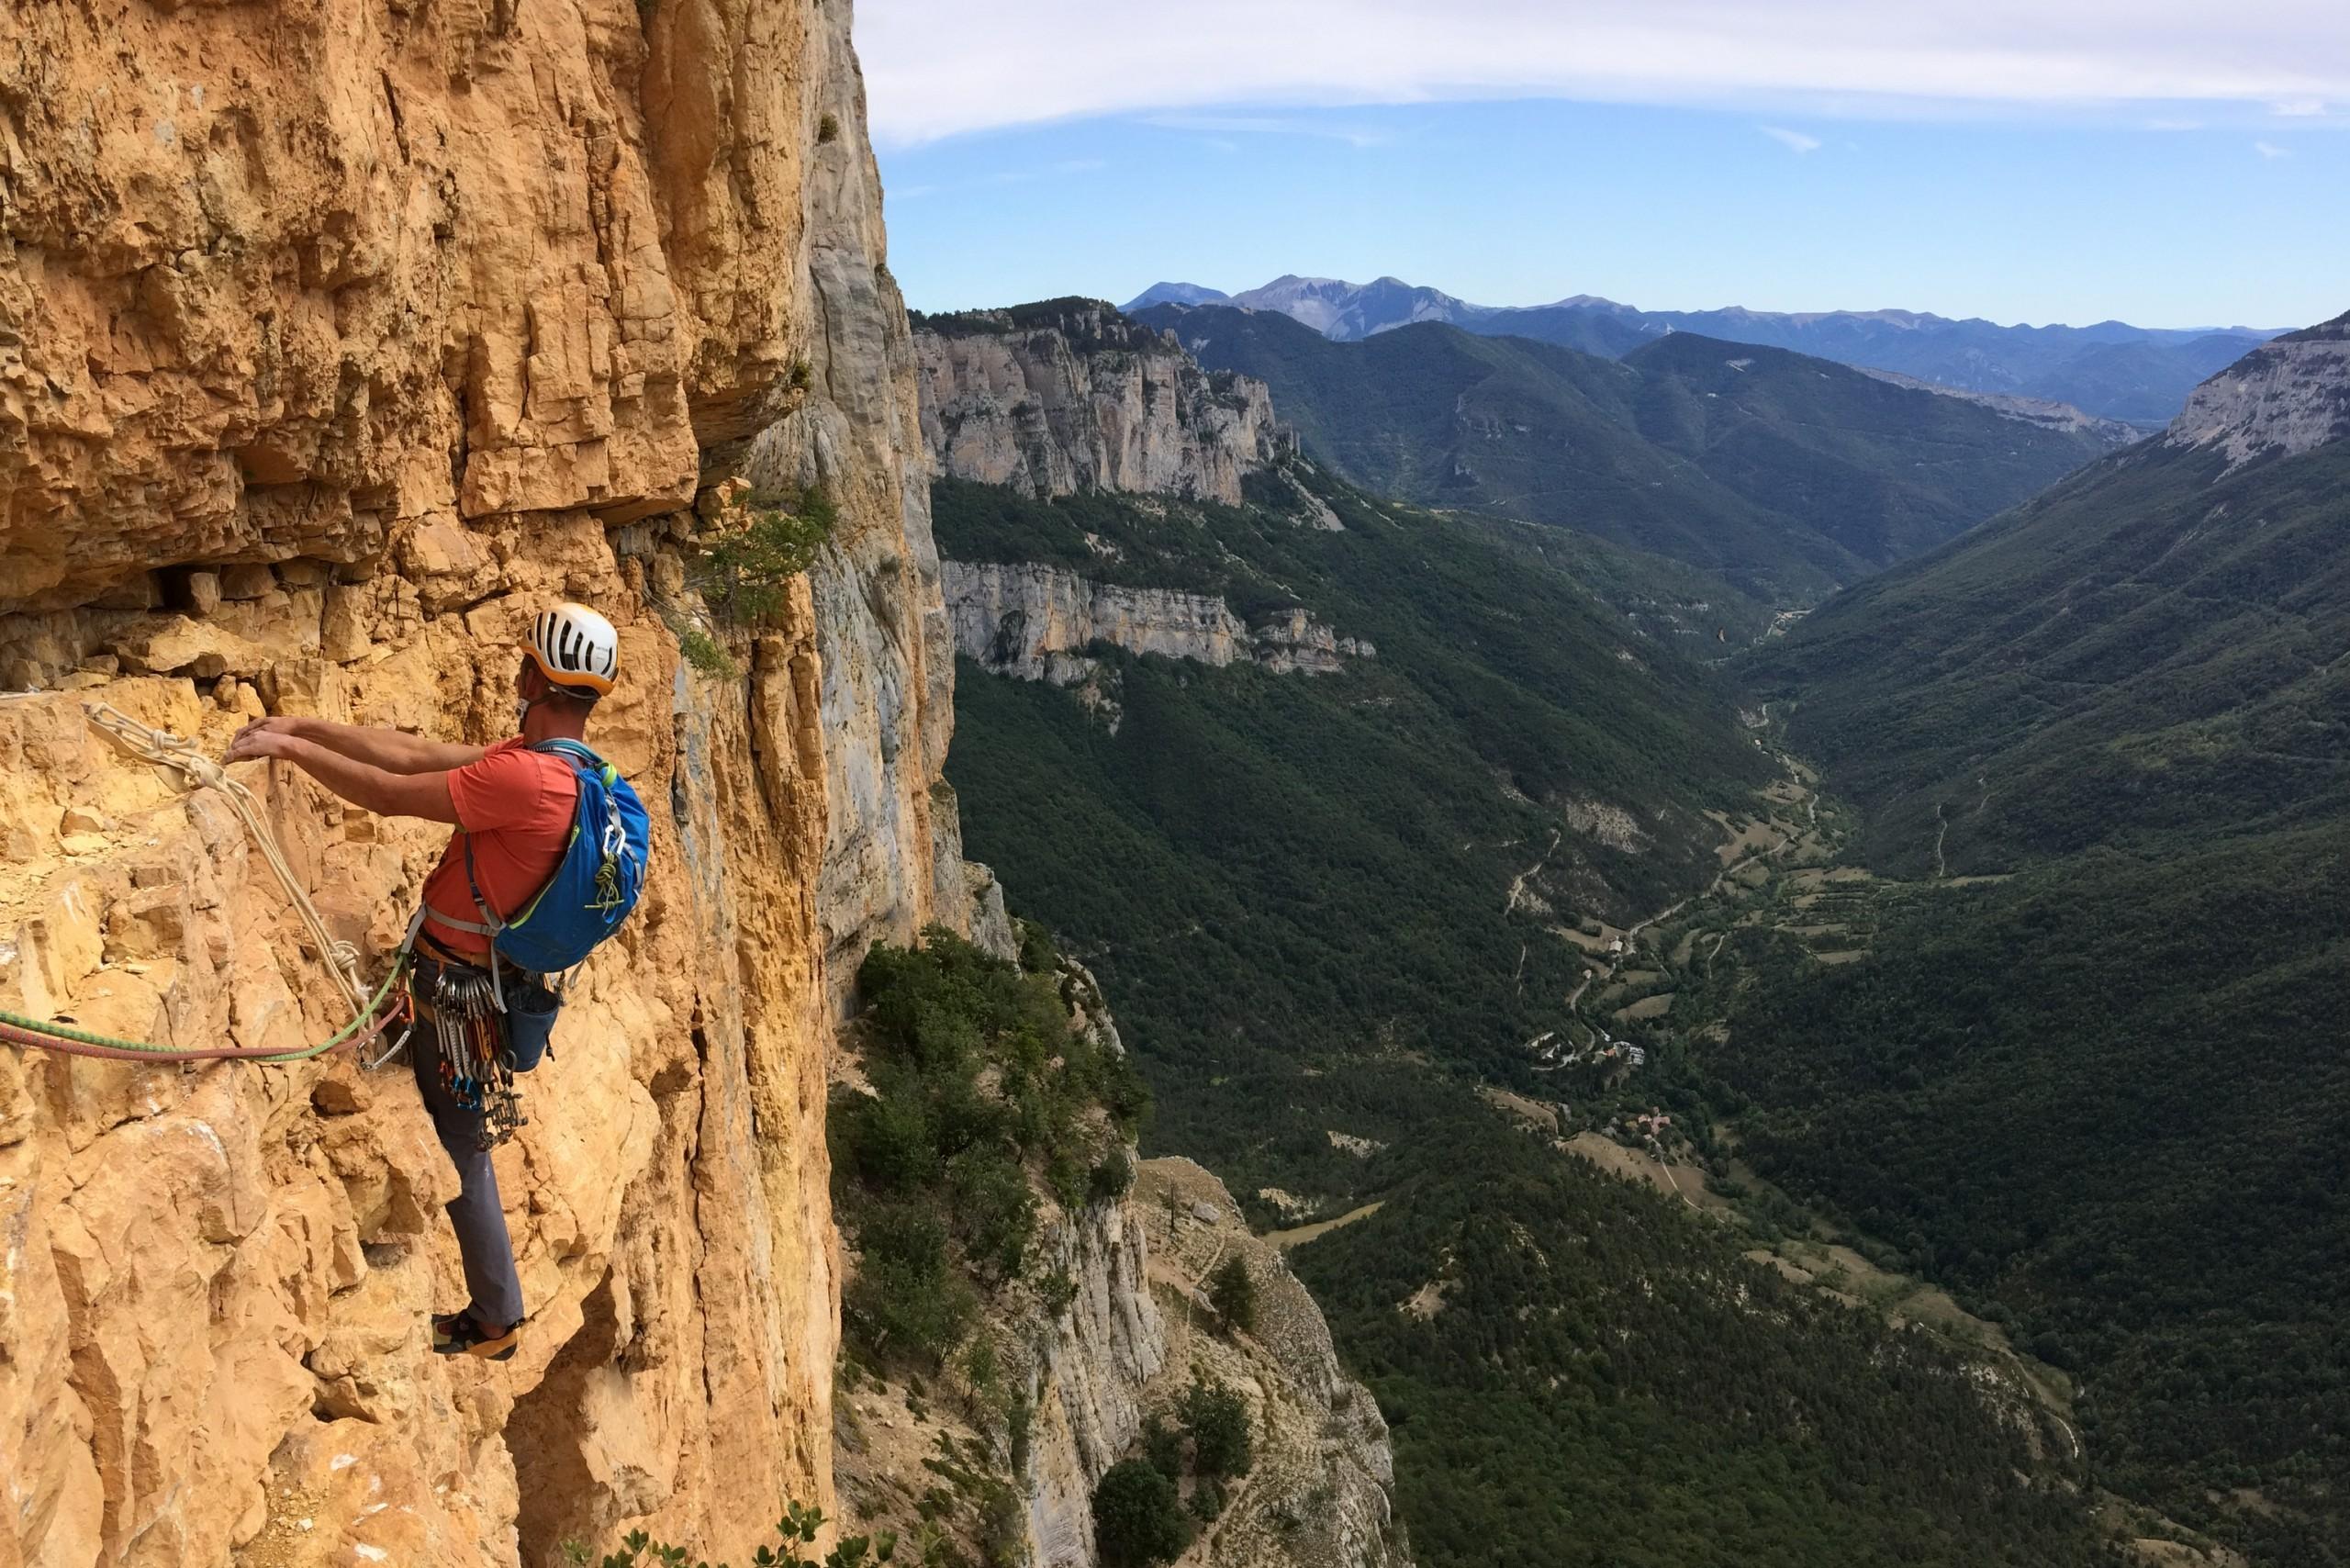 traversée de la fameuse longueur de la paroi rouge au rocher d'Archiane duranty un stage grande voie dans la Drôme.